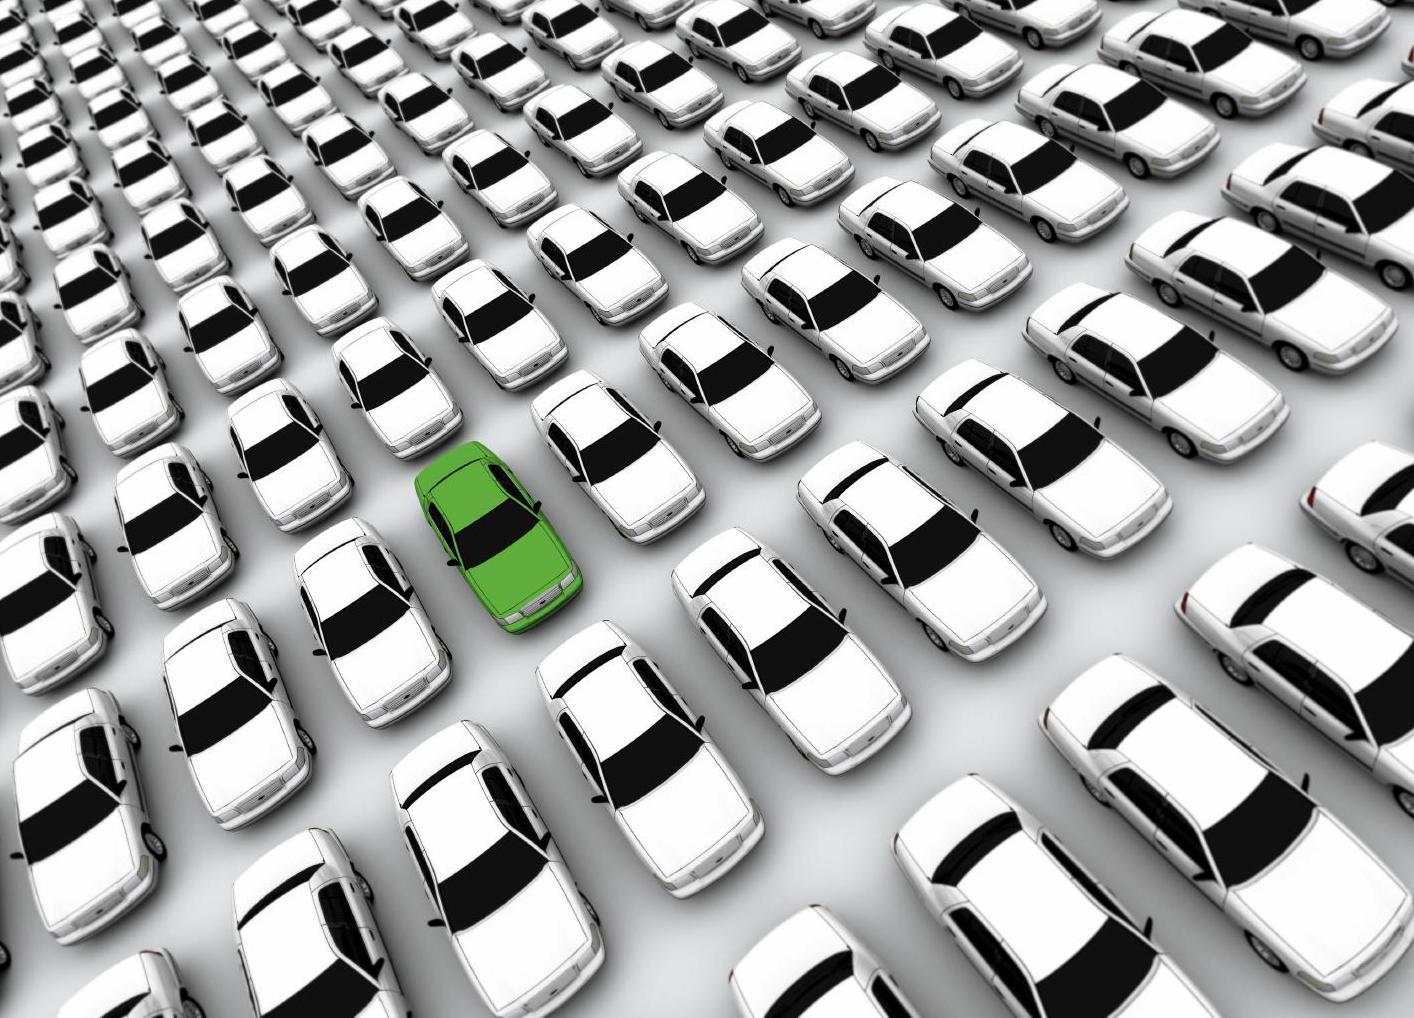 新能源车补贴政策即将落地 公布国补政策与骗补名单